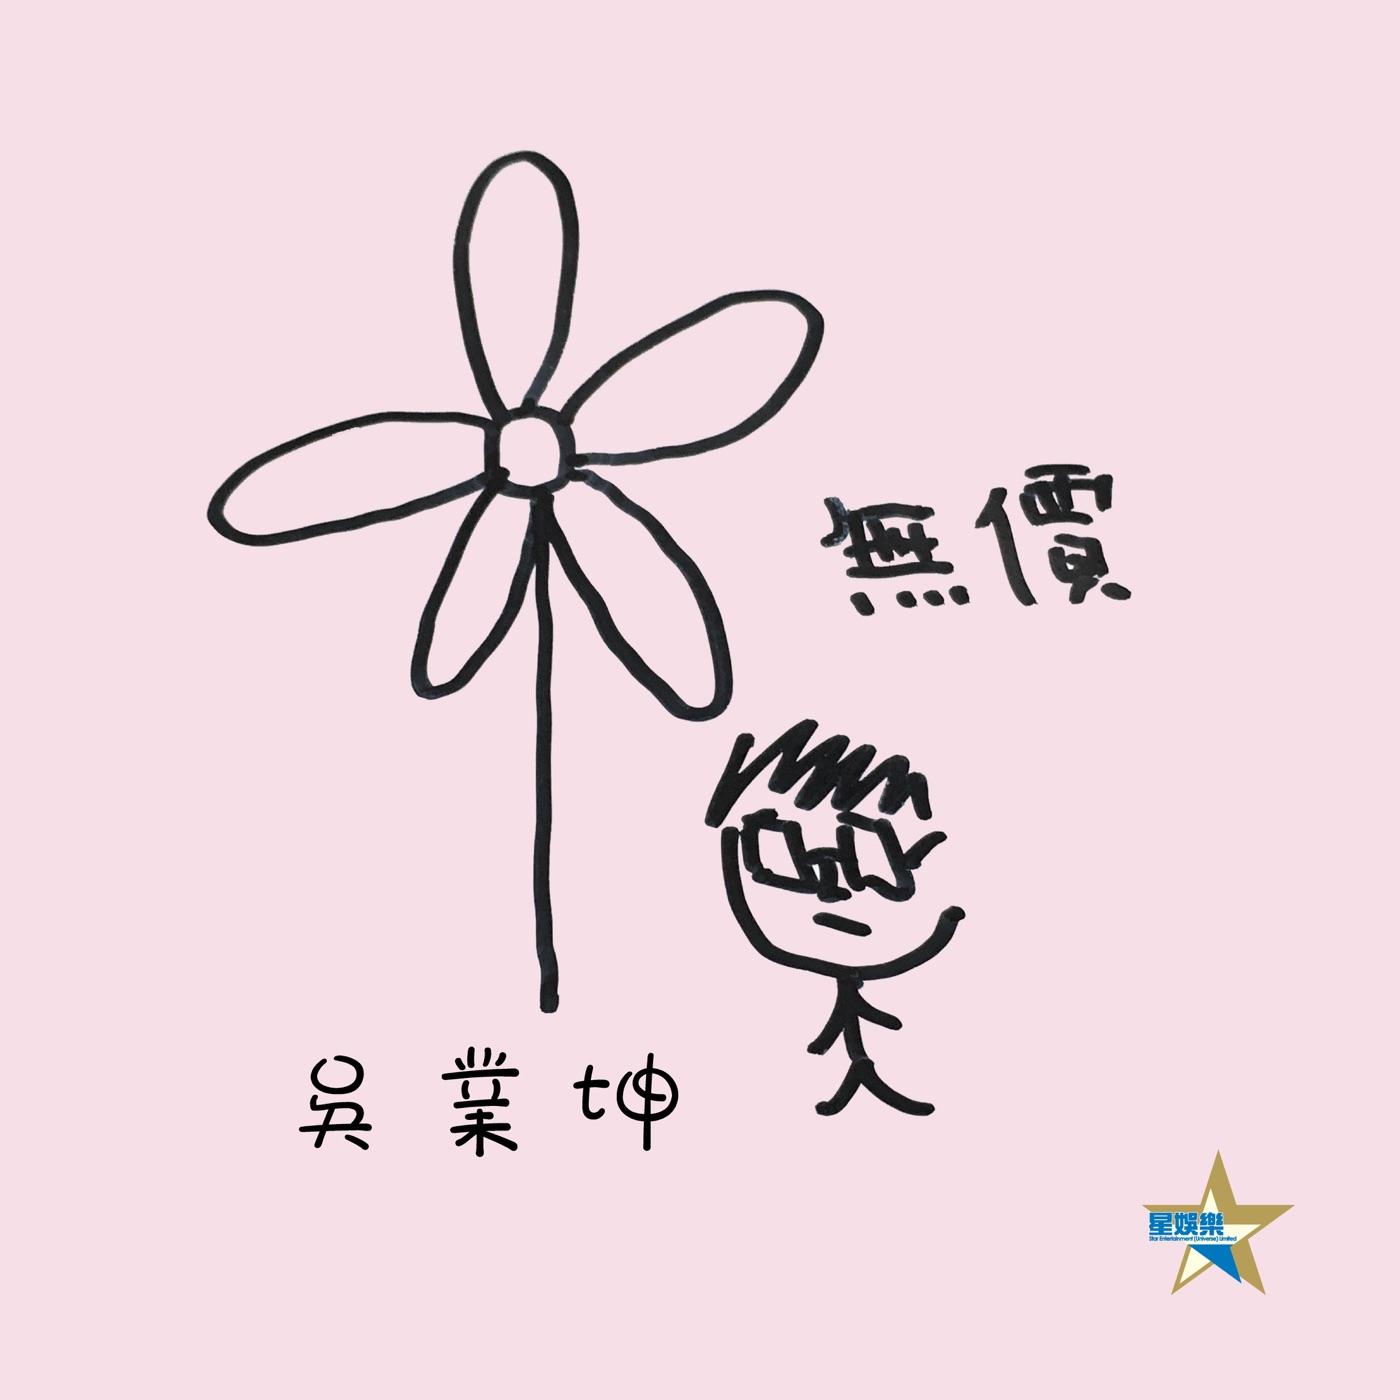 吴业坤 - 无价 - Single